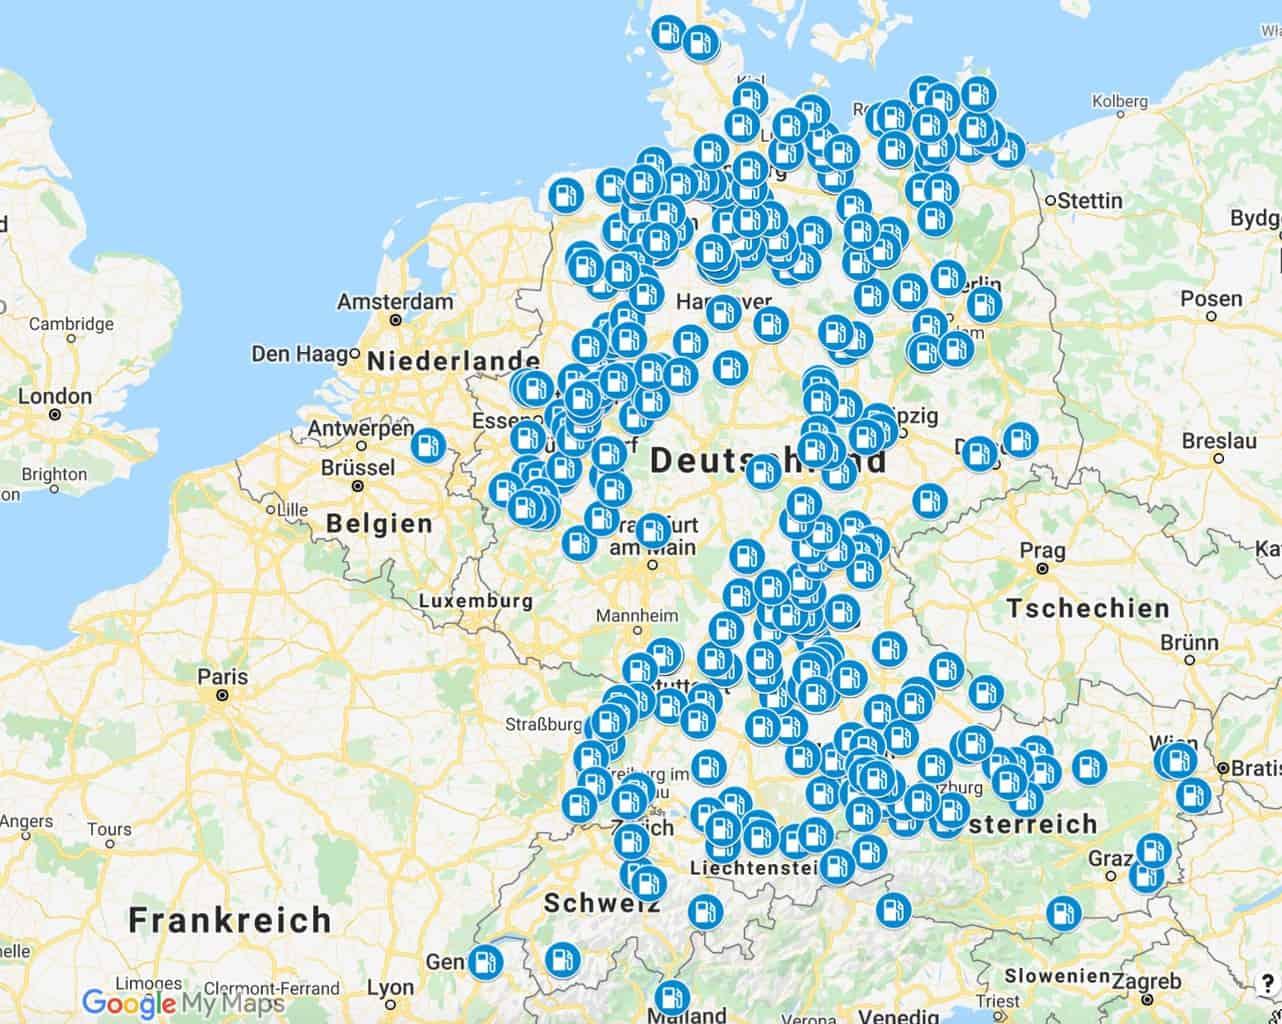 LPG-Tankstellen-Wintergas-LPG-Gas-Übersicht